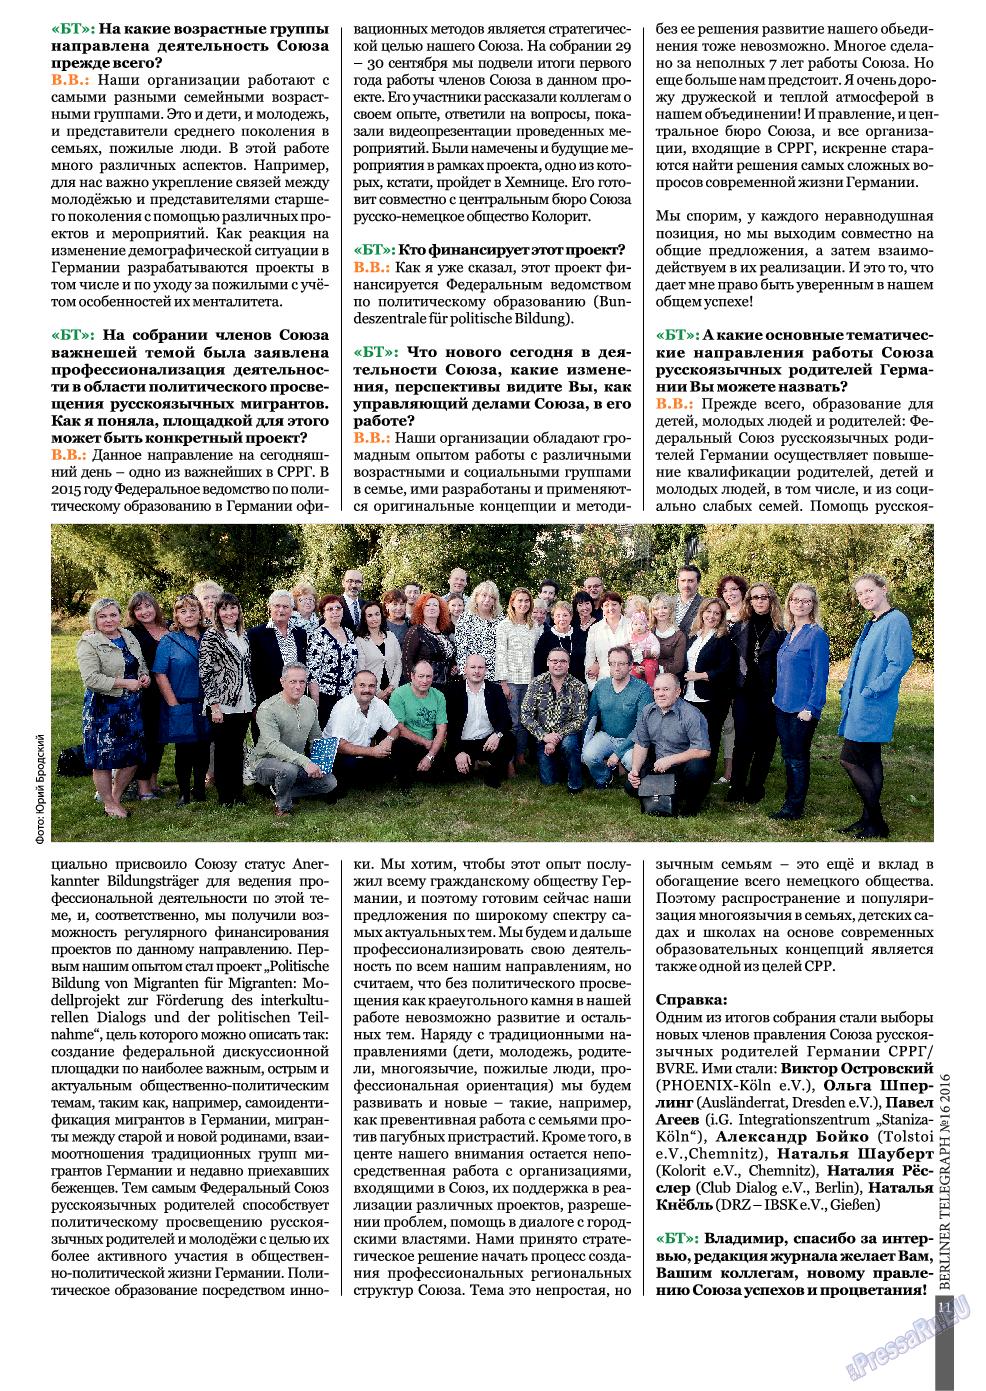 Берлинский телеграф (журнал). 2016 год, номер 16, стр. 11